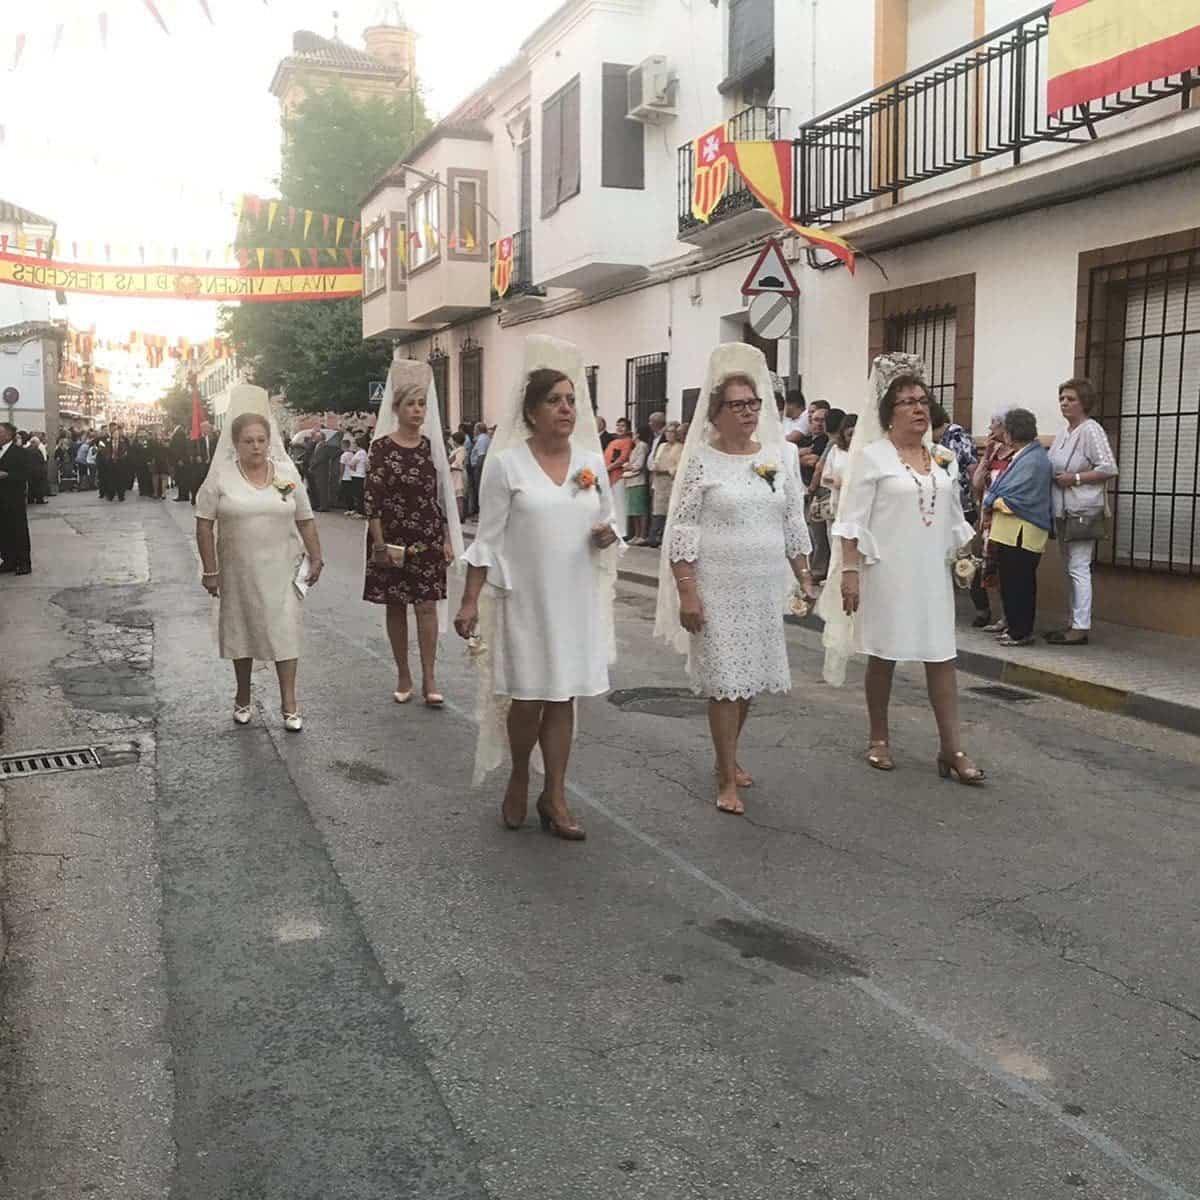 magna procesion feria fiestas 2019 herencia 9 - Magna procesión de nuestra Santísima Madre cierra la Feria y Fiestas herenciana